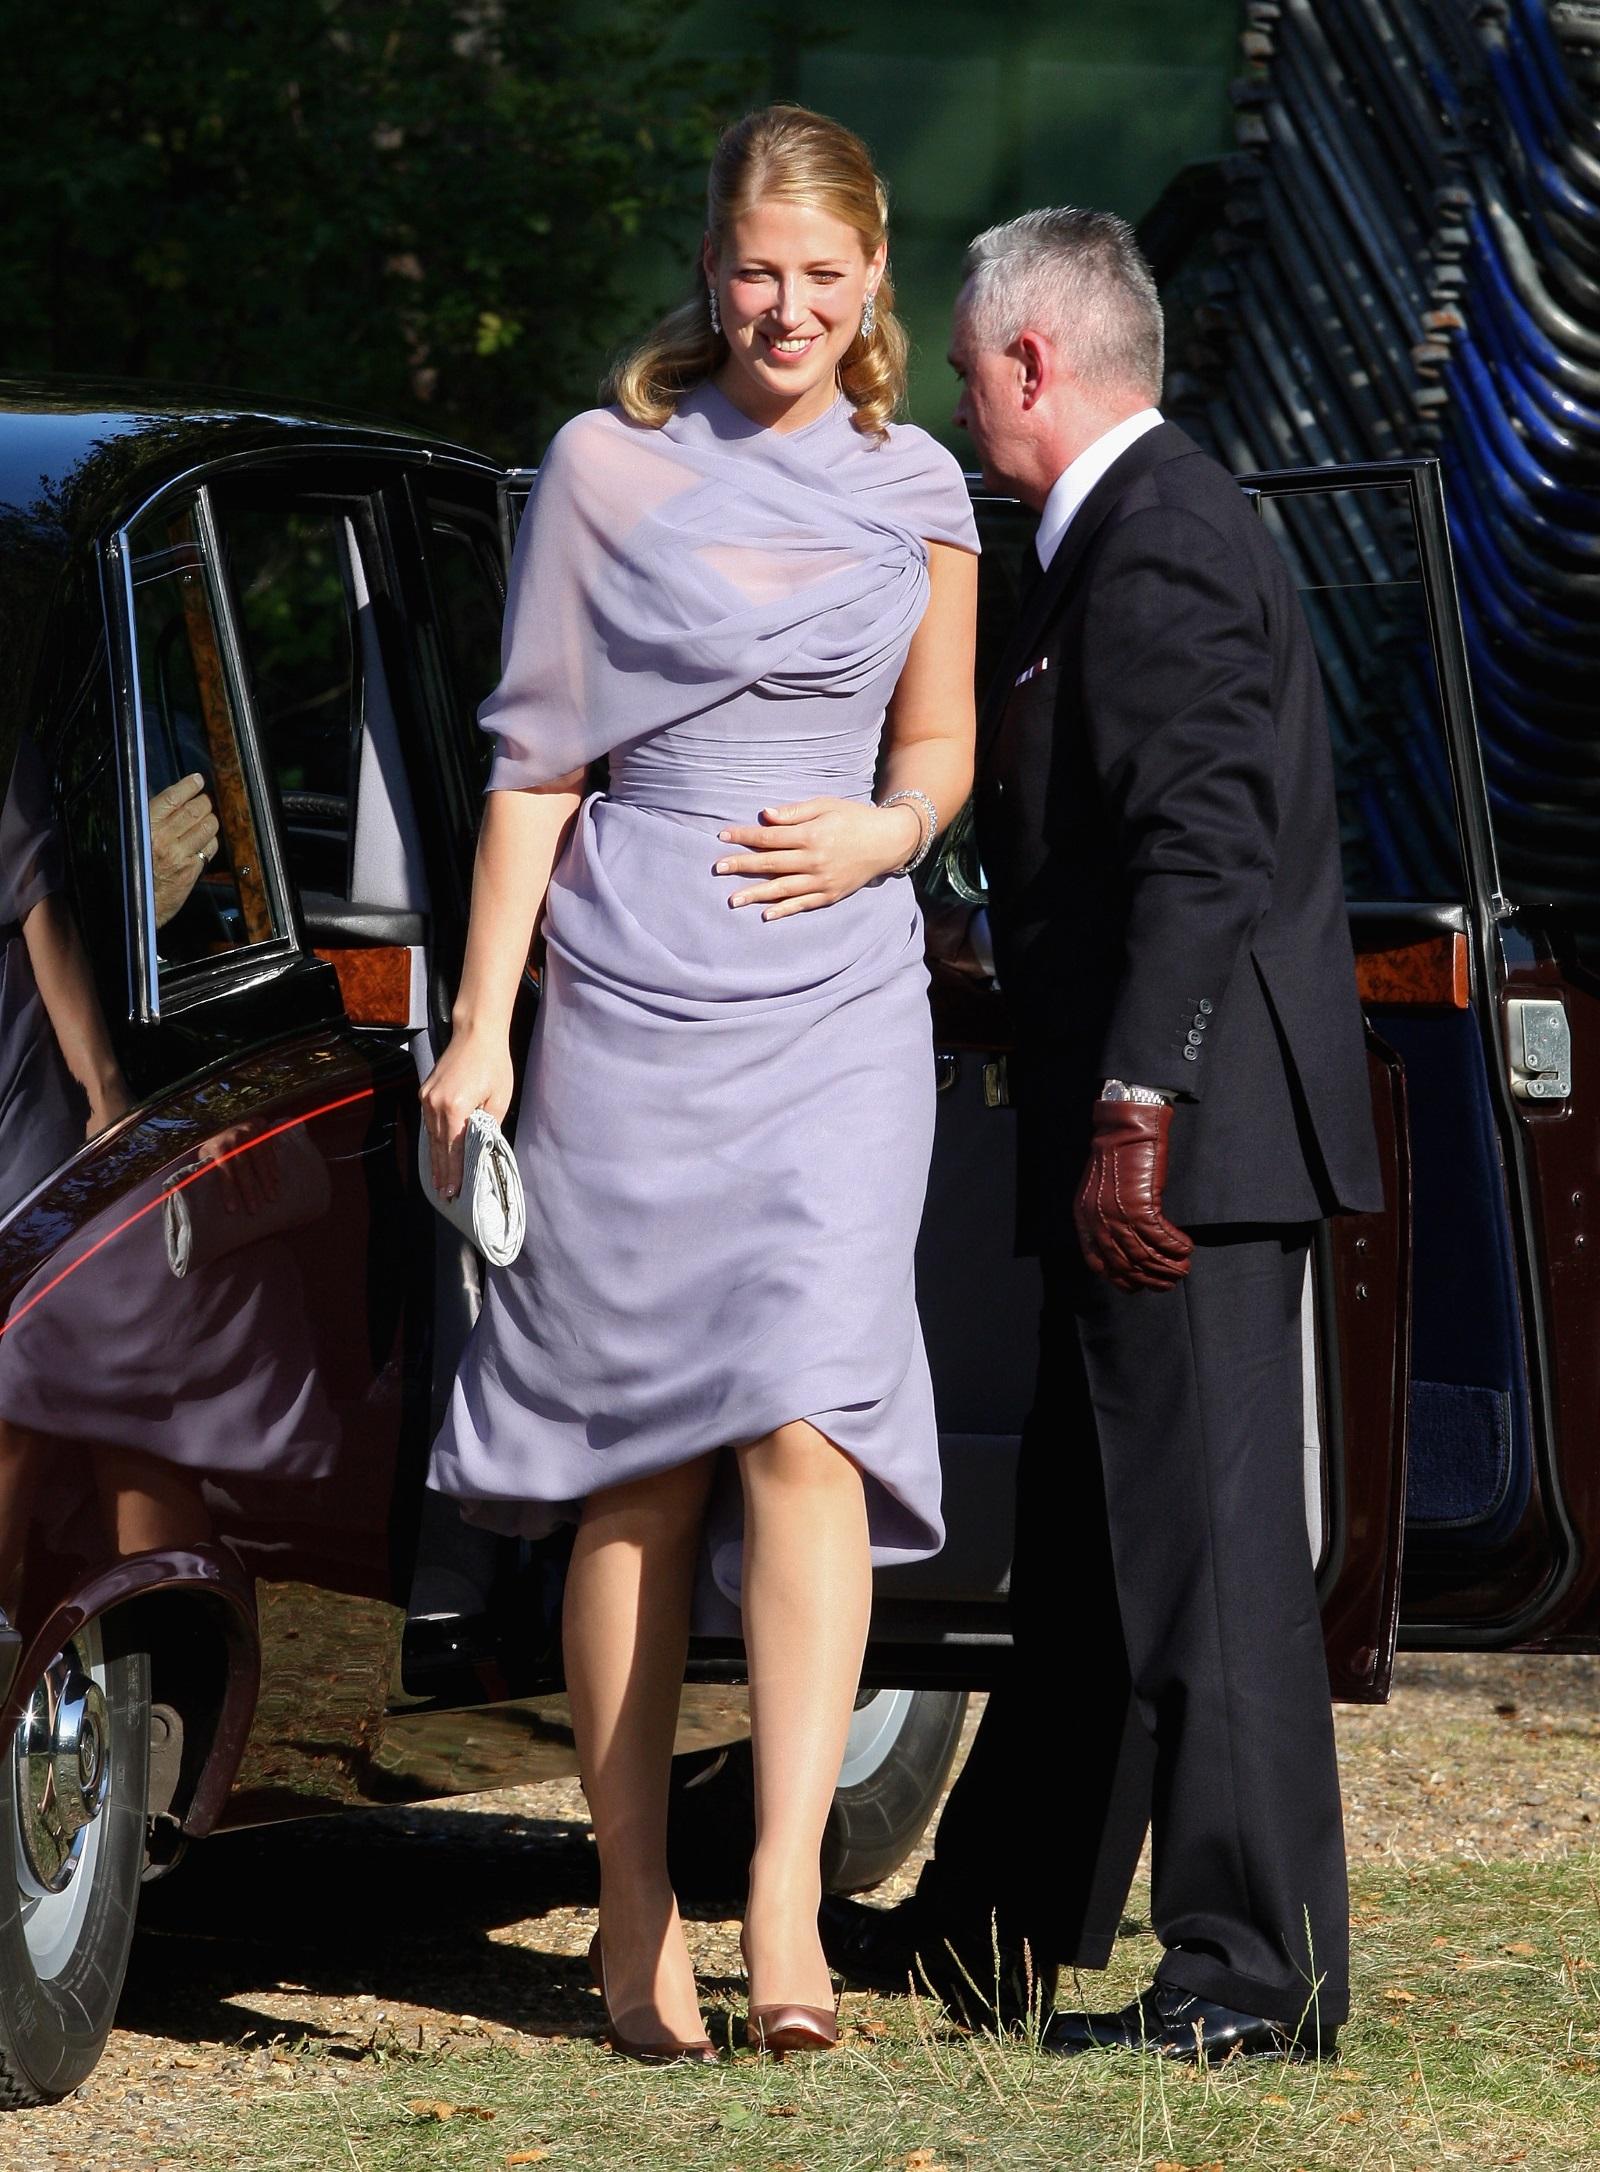 """Лейди Габриела Уиндзор - дъщеря на братовчед на кралица Елизабет II, ще се омъжи за годеника си Томас Кингстън, пишат британски издания. Церемонията ще бъде в храма """"Сейнт Джордж"""" в Уиндзор и медии няма да бъдат допуснати."""